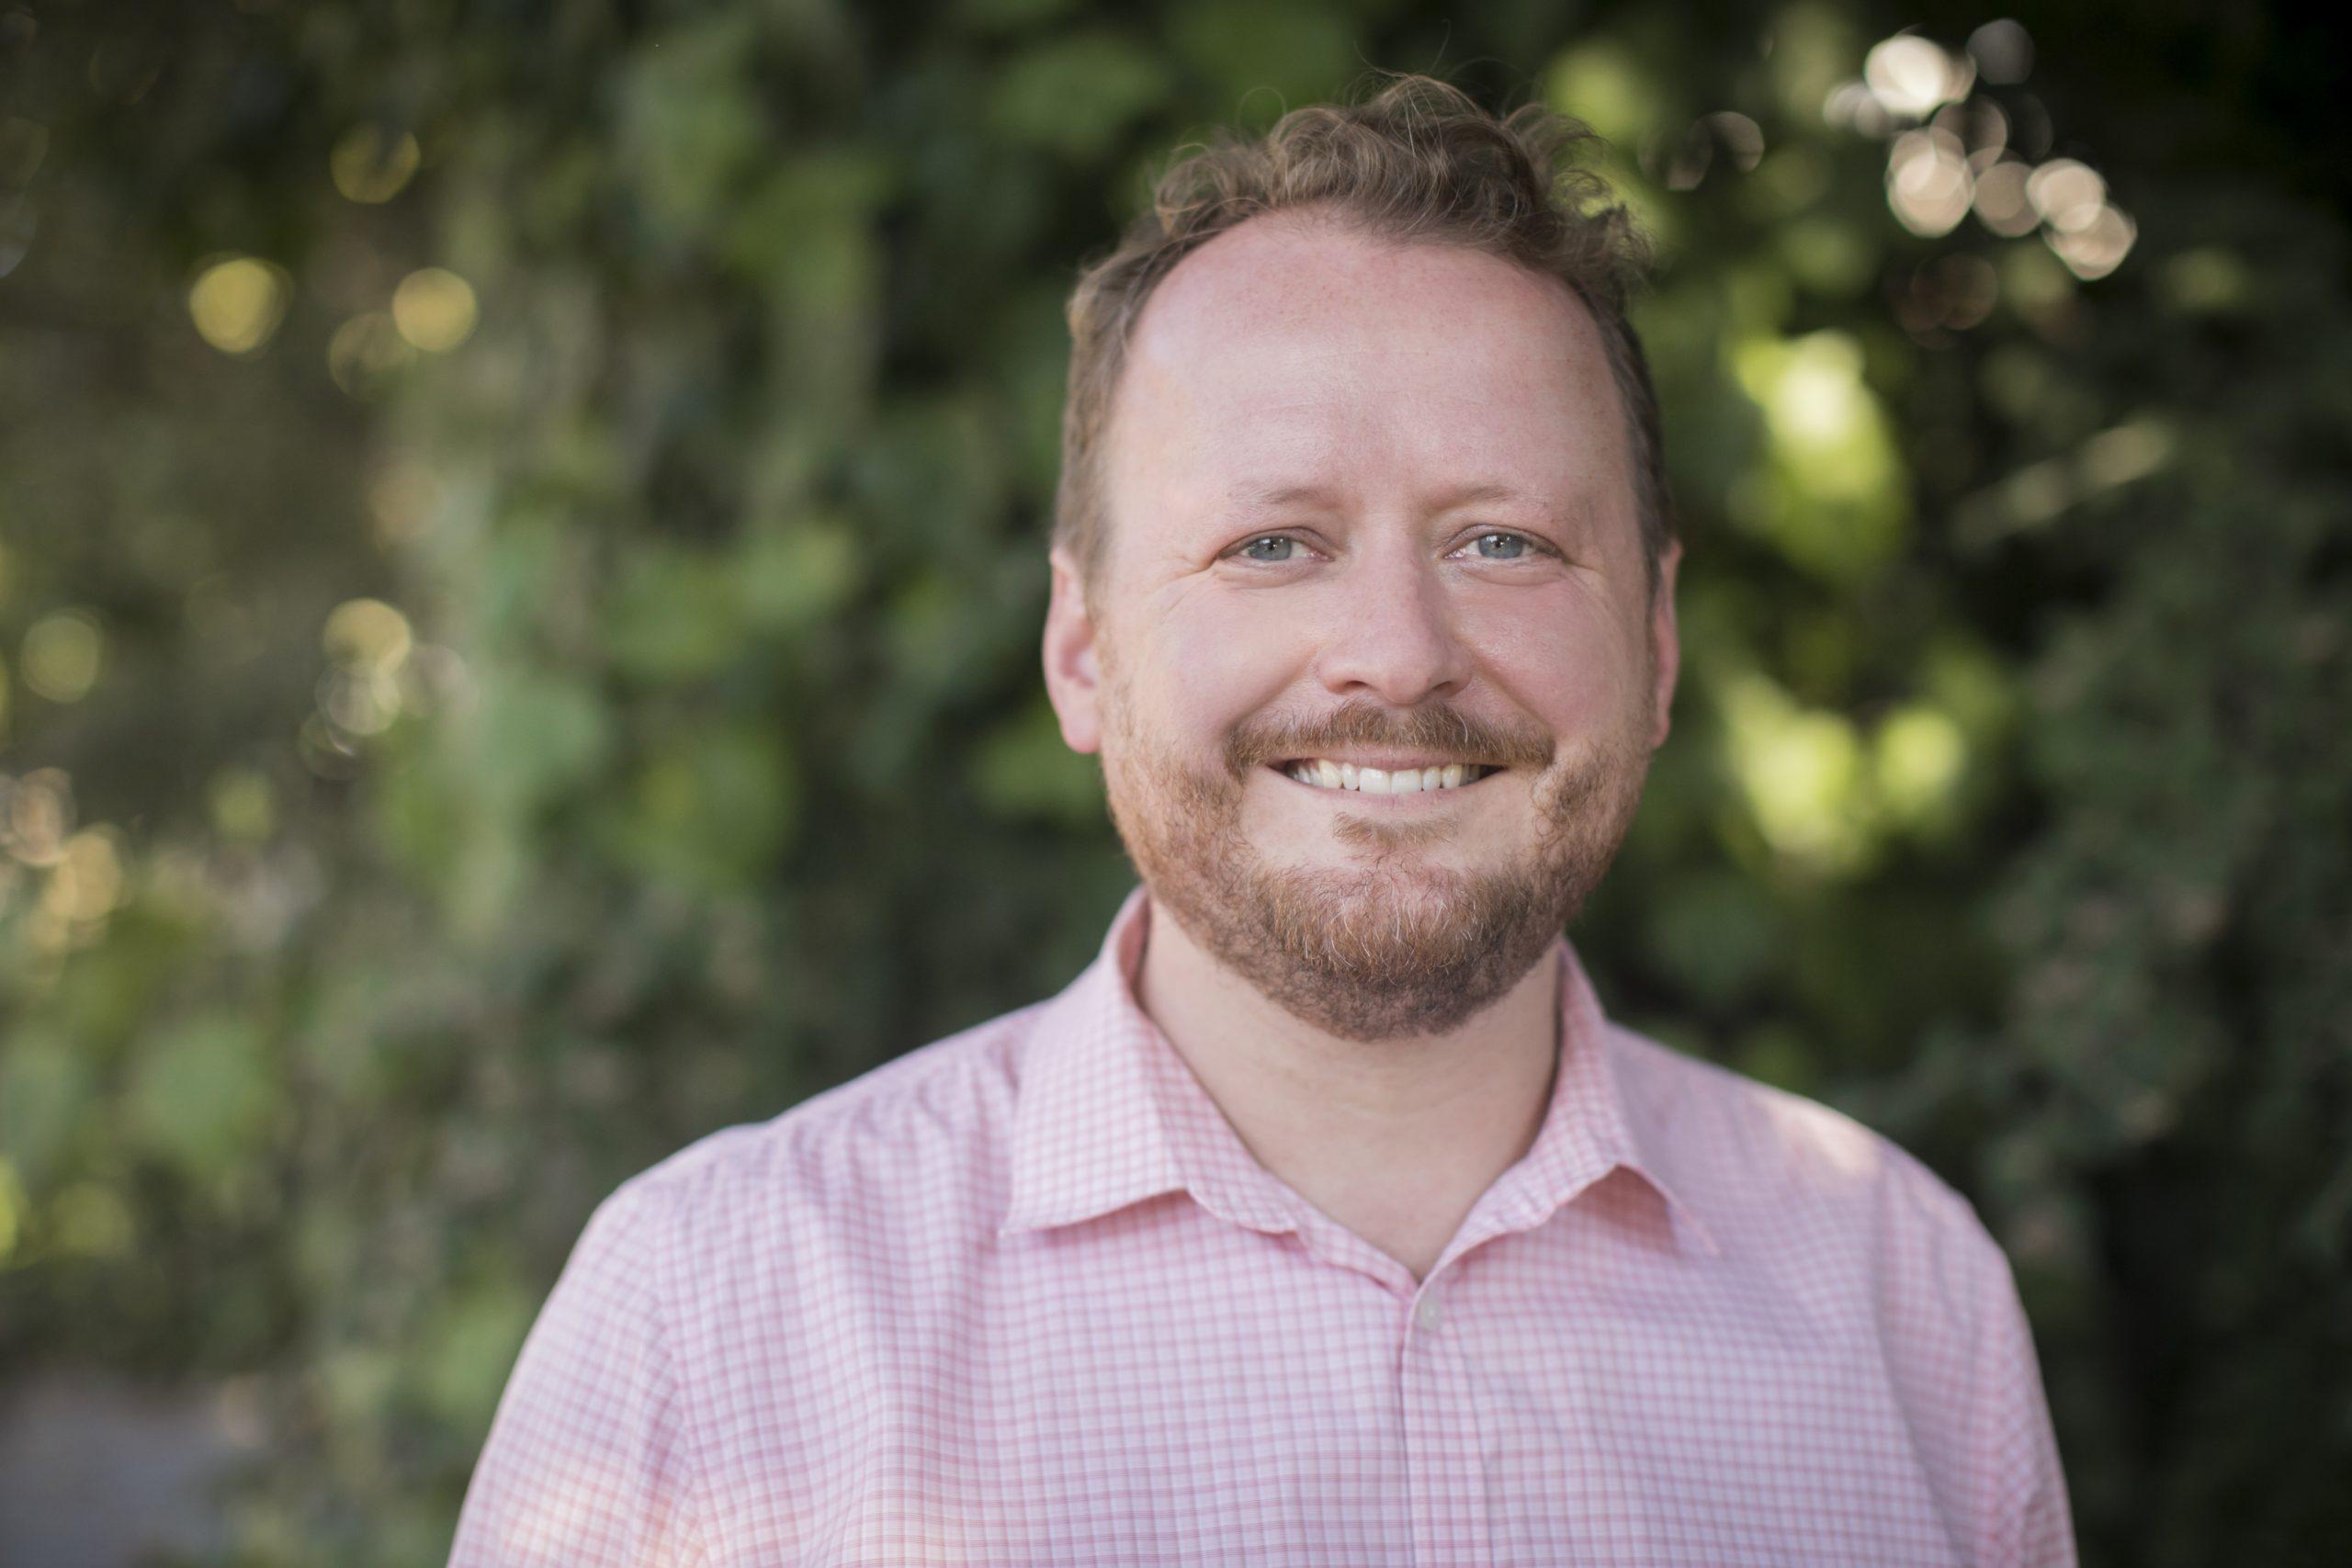 Chad Frischmann Headshot